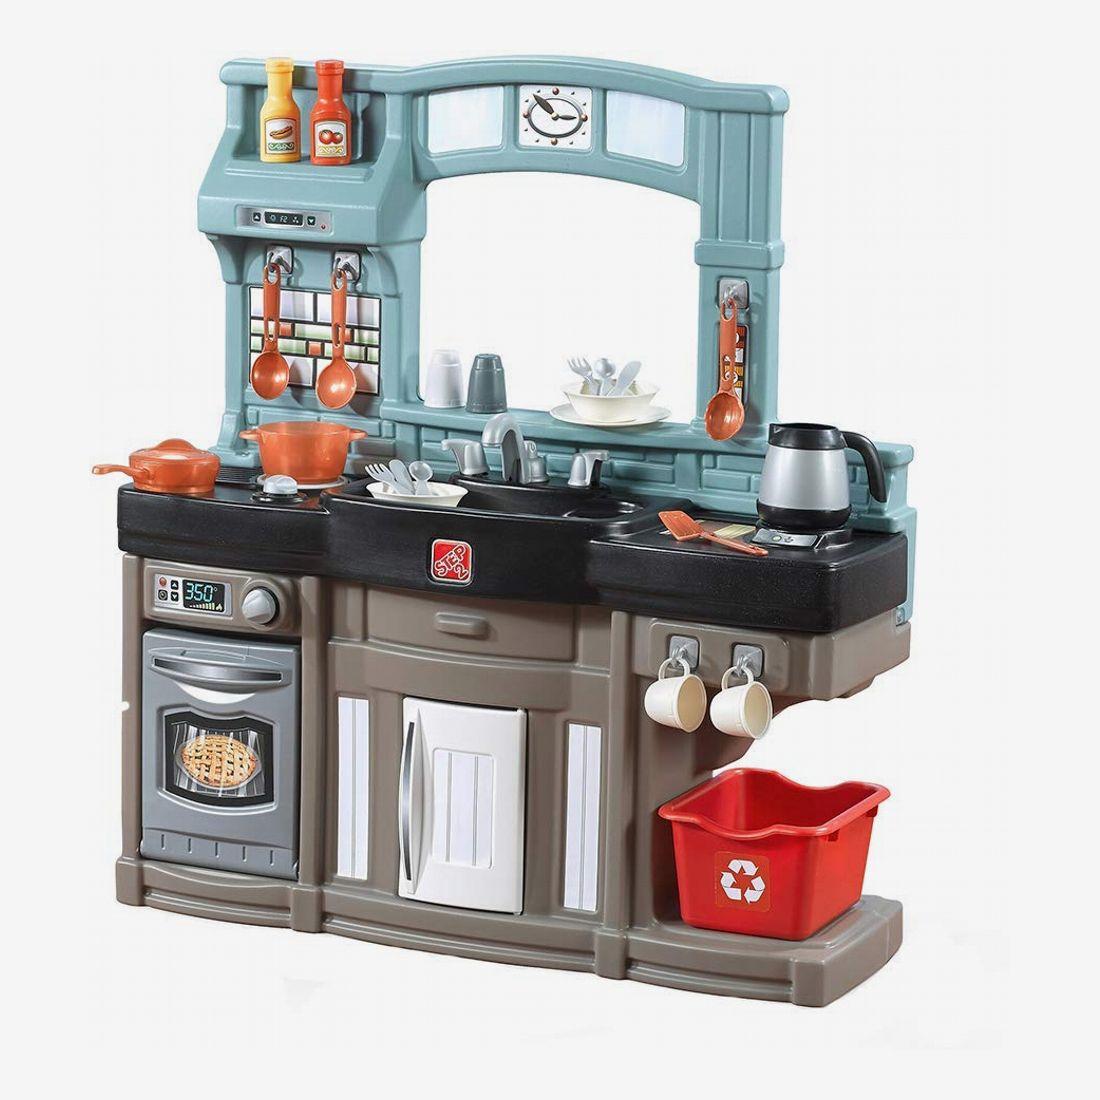 10 Best Toy Kitchen Sets 2021 The Strategist